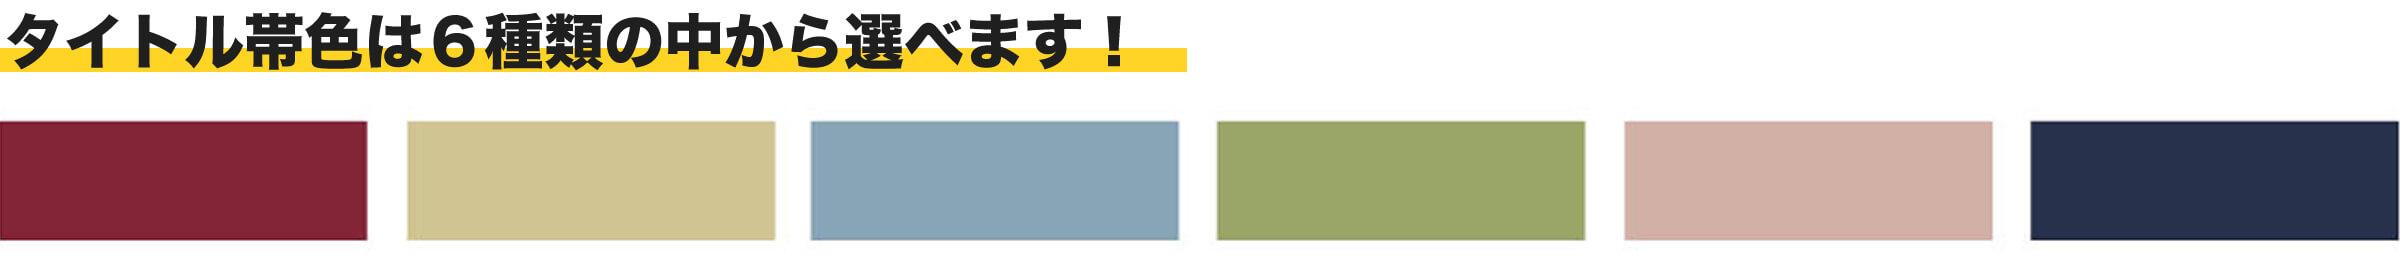 タイトル帯色は6種類の中から選べます!